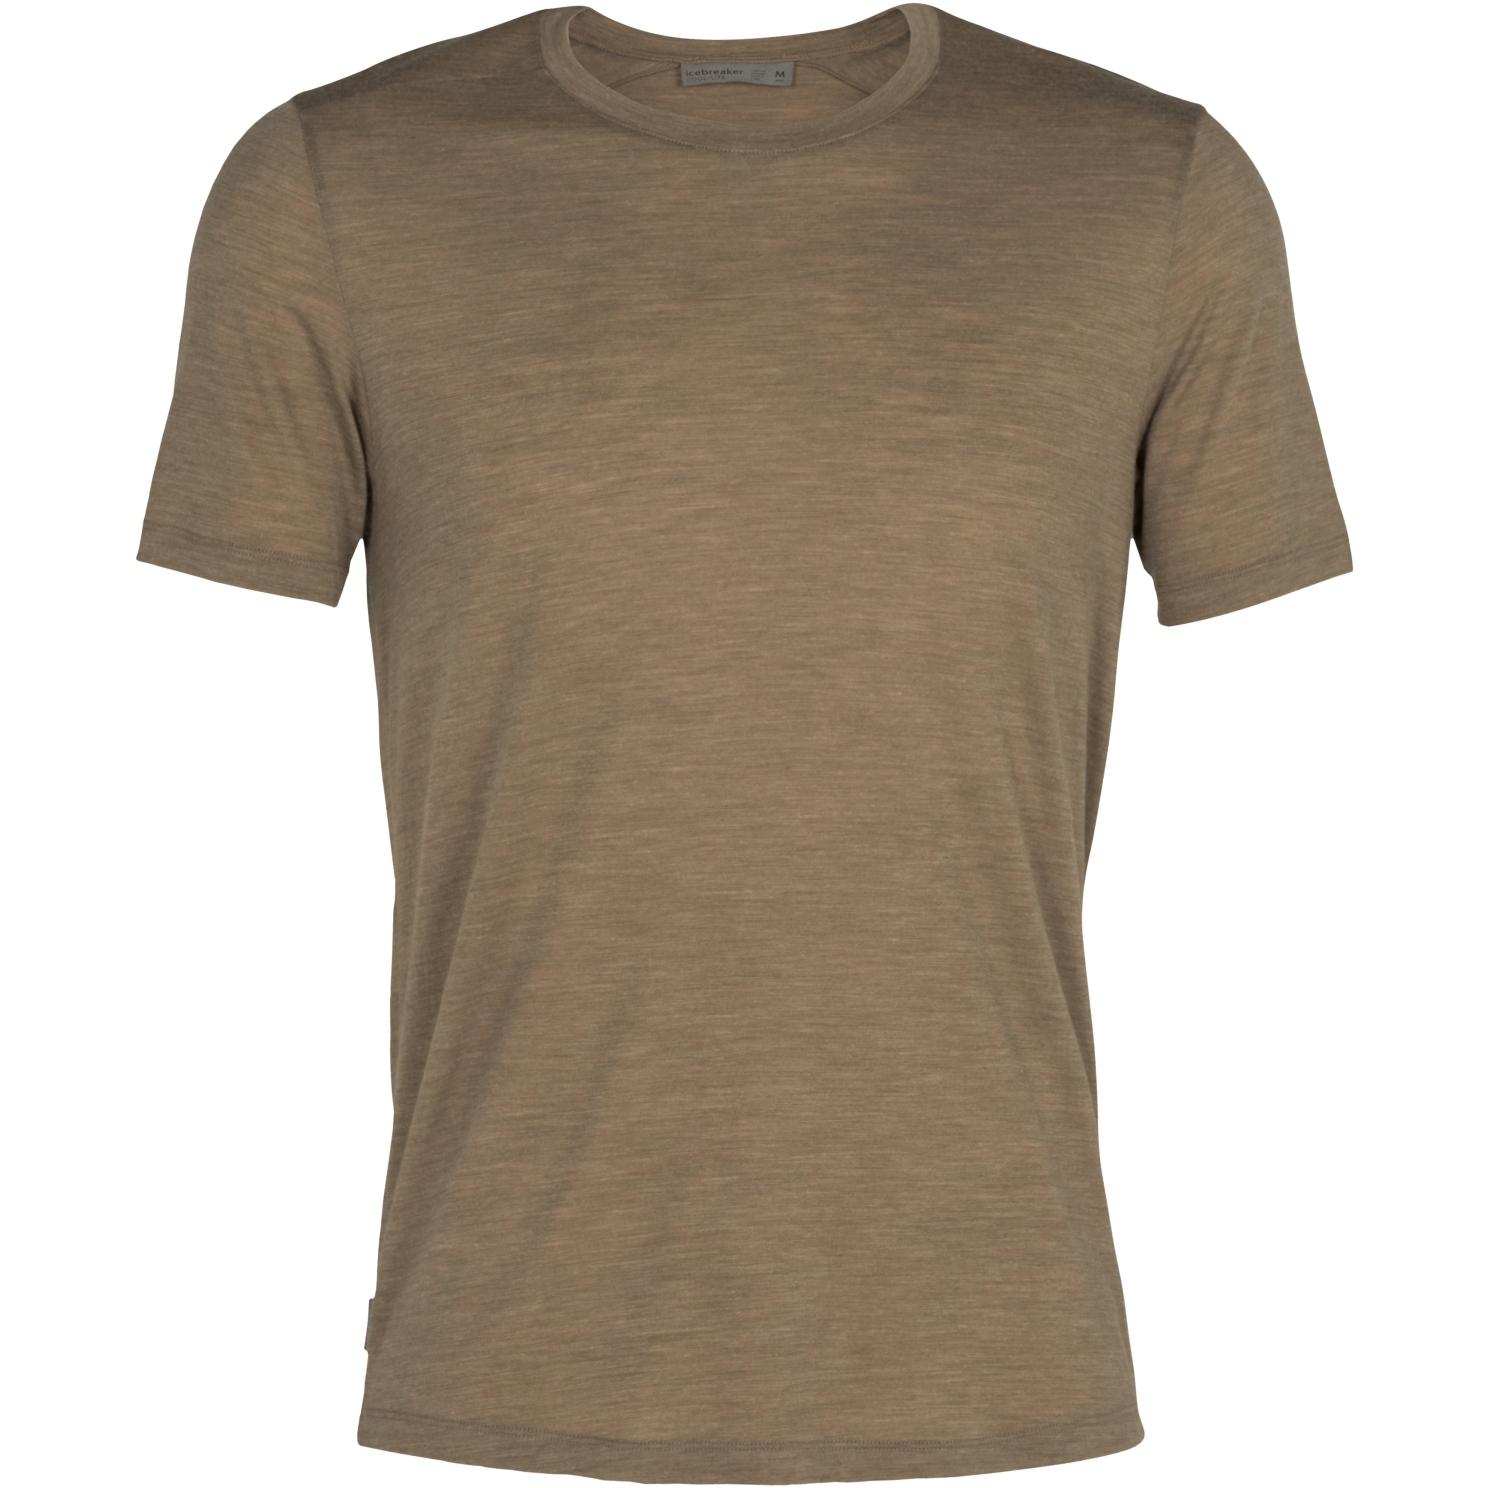 Produktbild von Icebreaker Sphere Crewe Herren T-Shirt - Flint HTHR